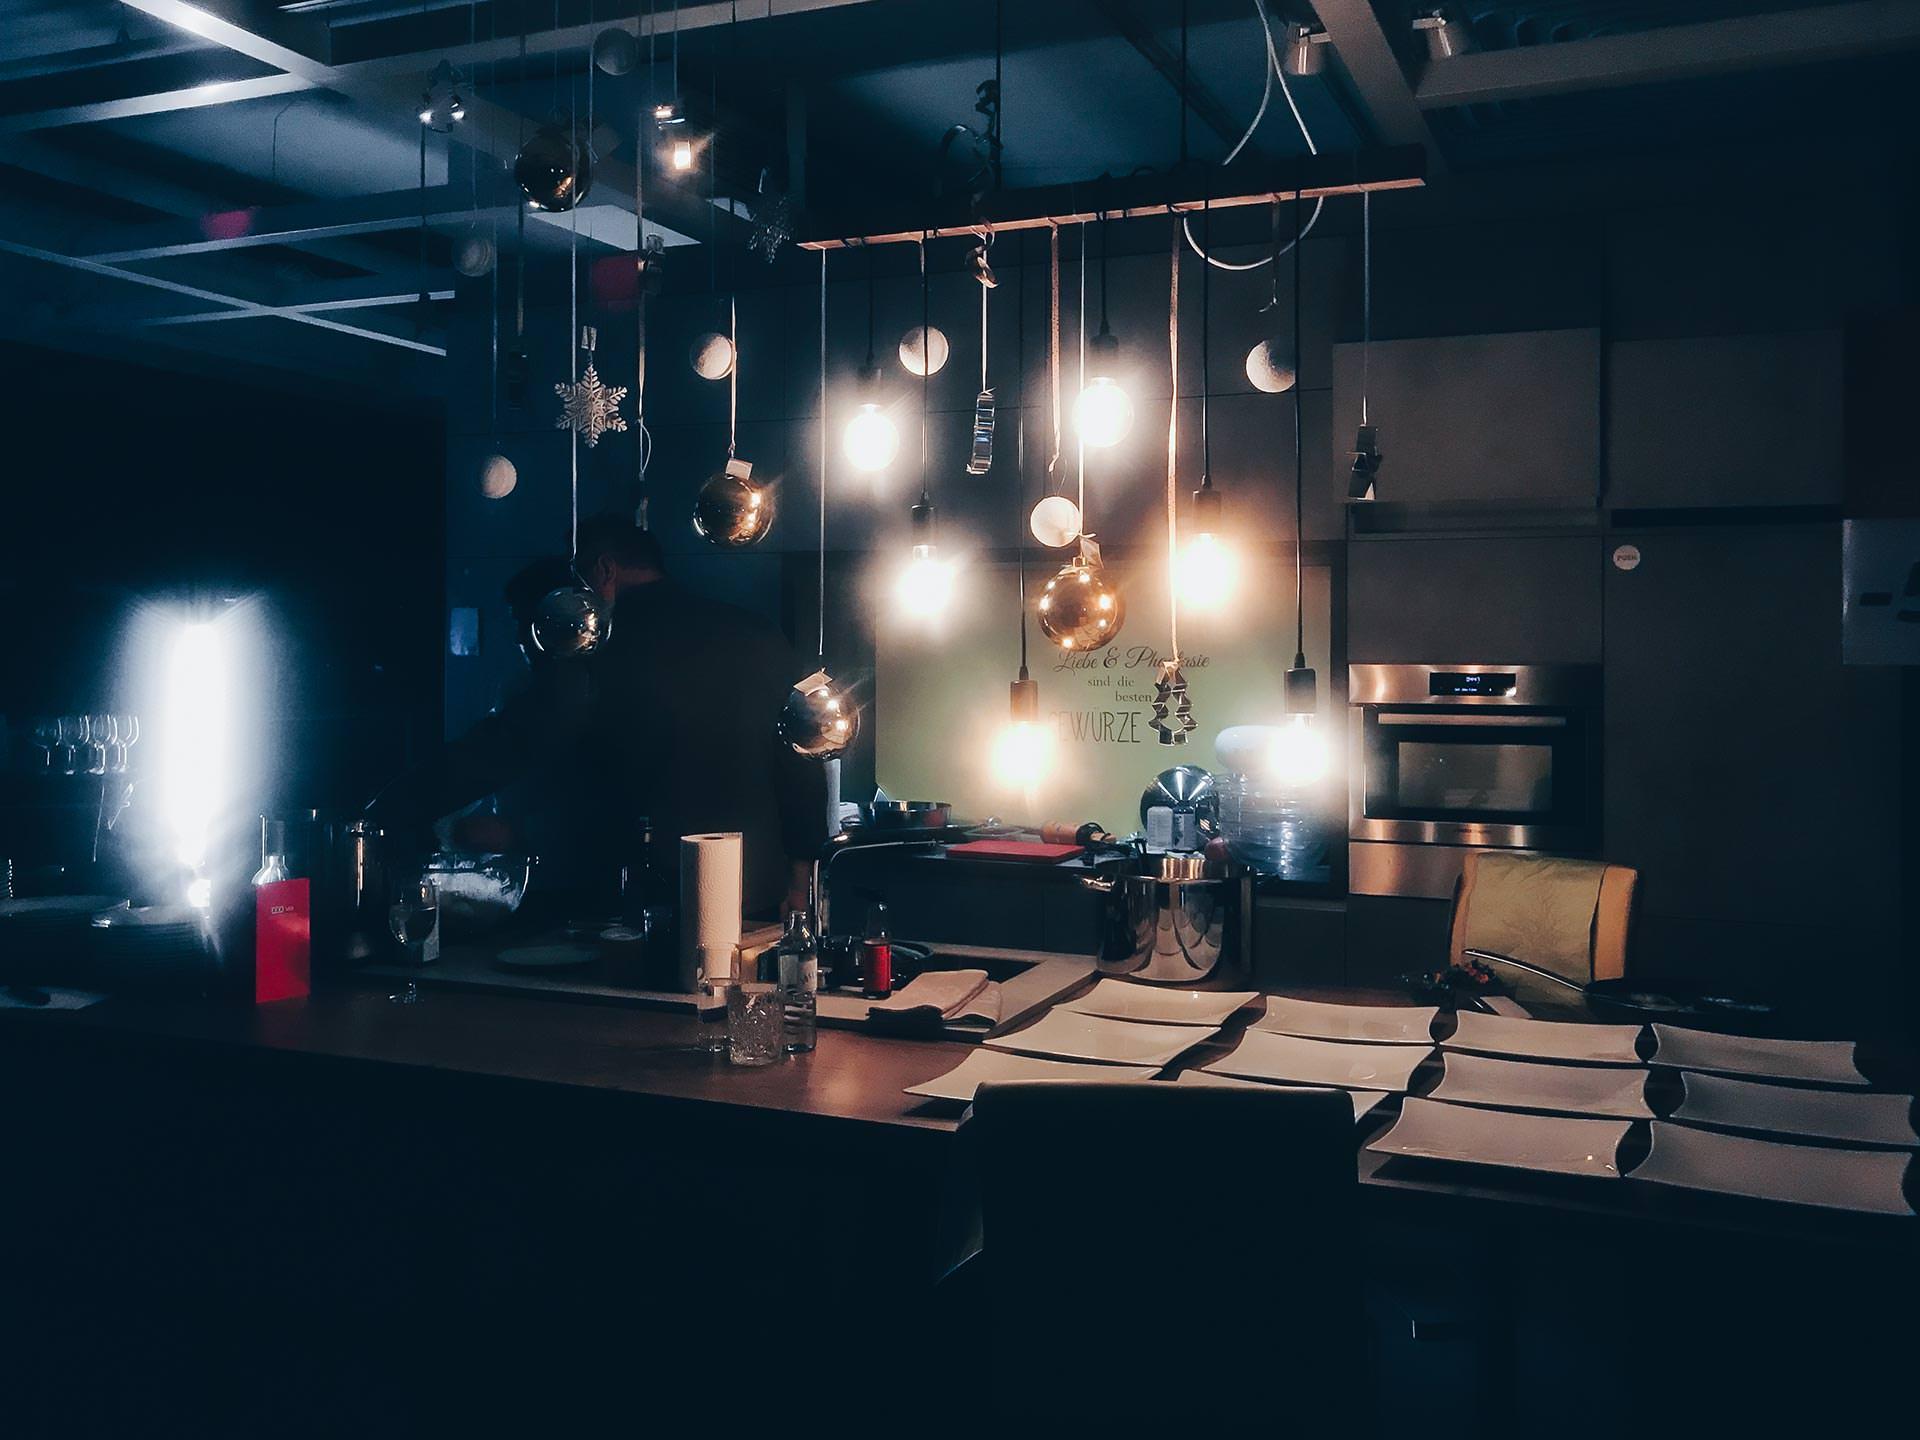 Eine Nacht im Möbelhaus, Blogger Event in Wien, XXXLutz Event, Style Blog, Lifestyle Magazin, www.whoismocca.com